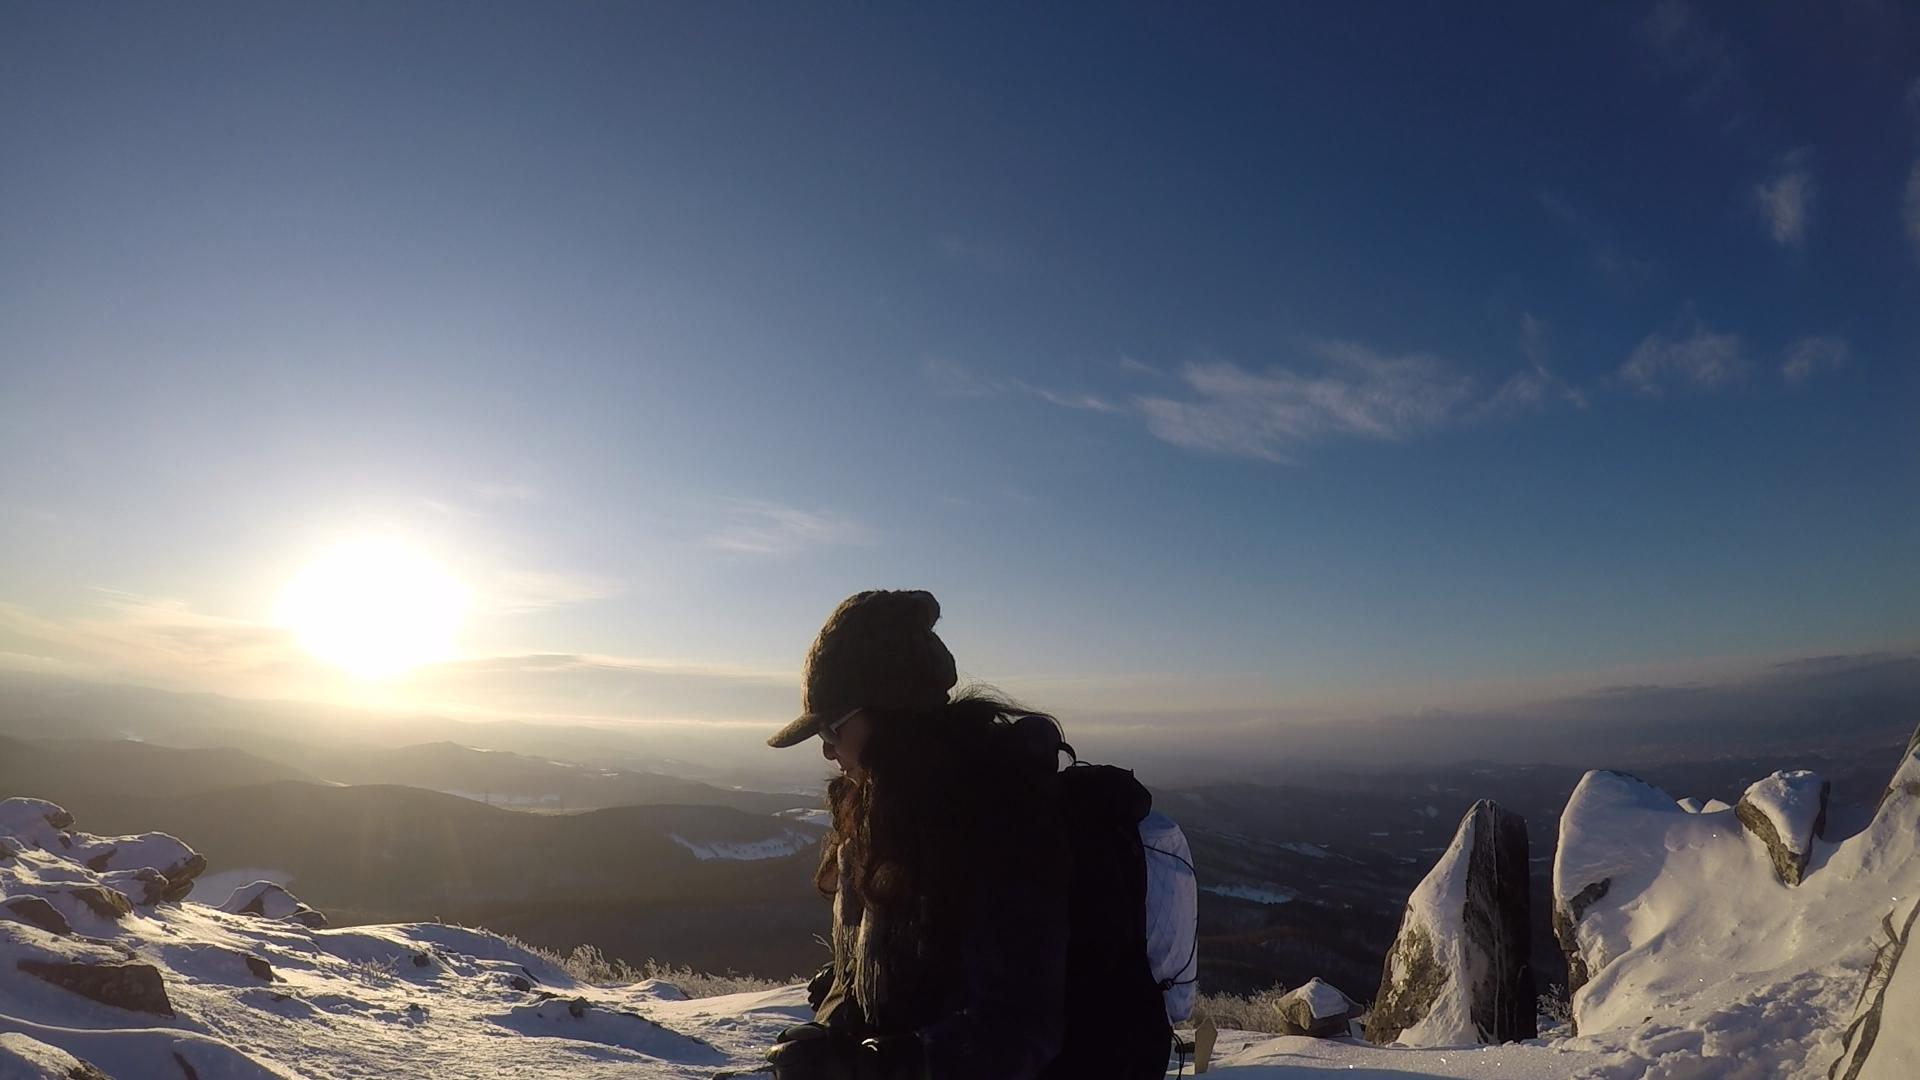 明日、山頂からライブ配信します!